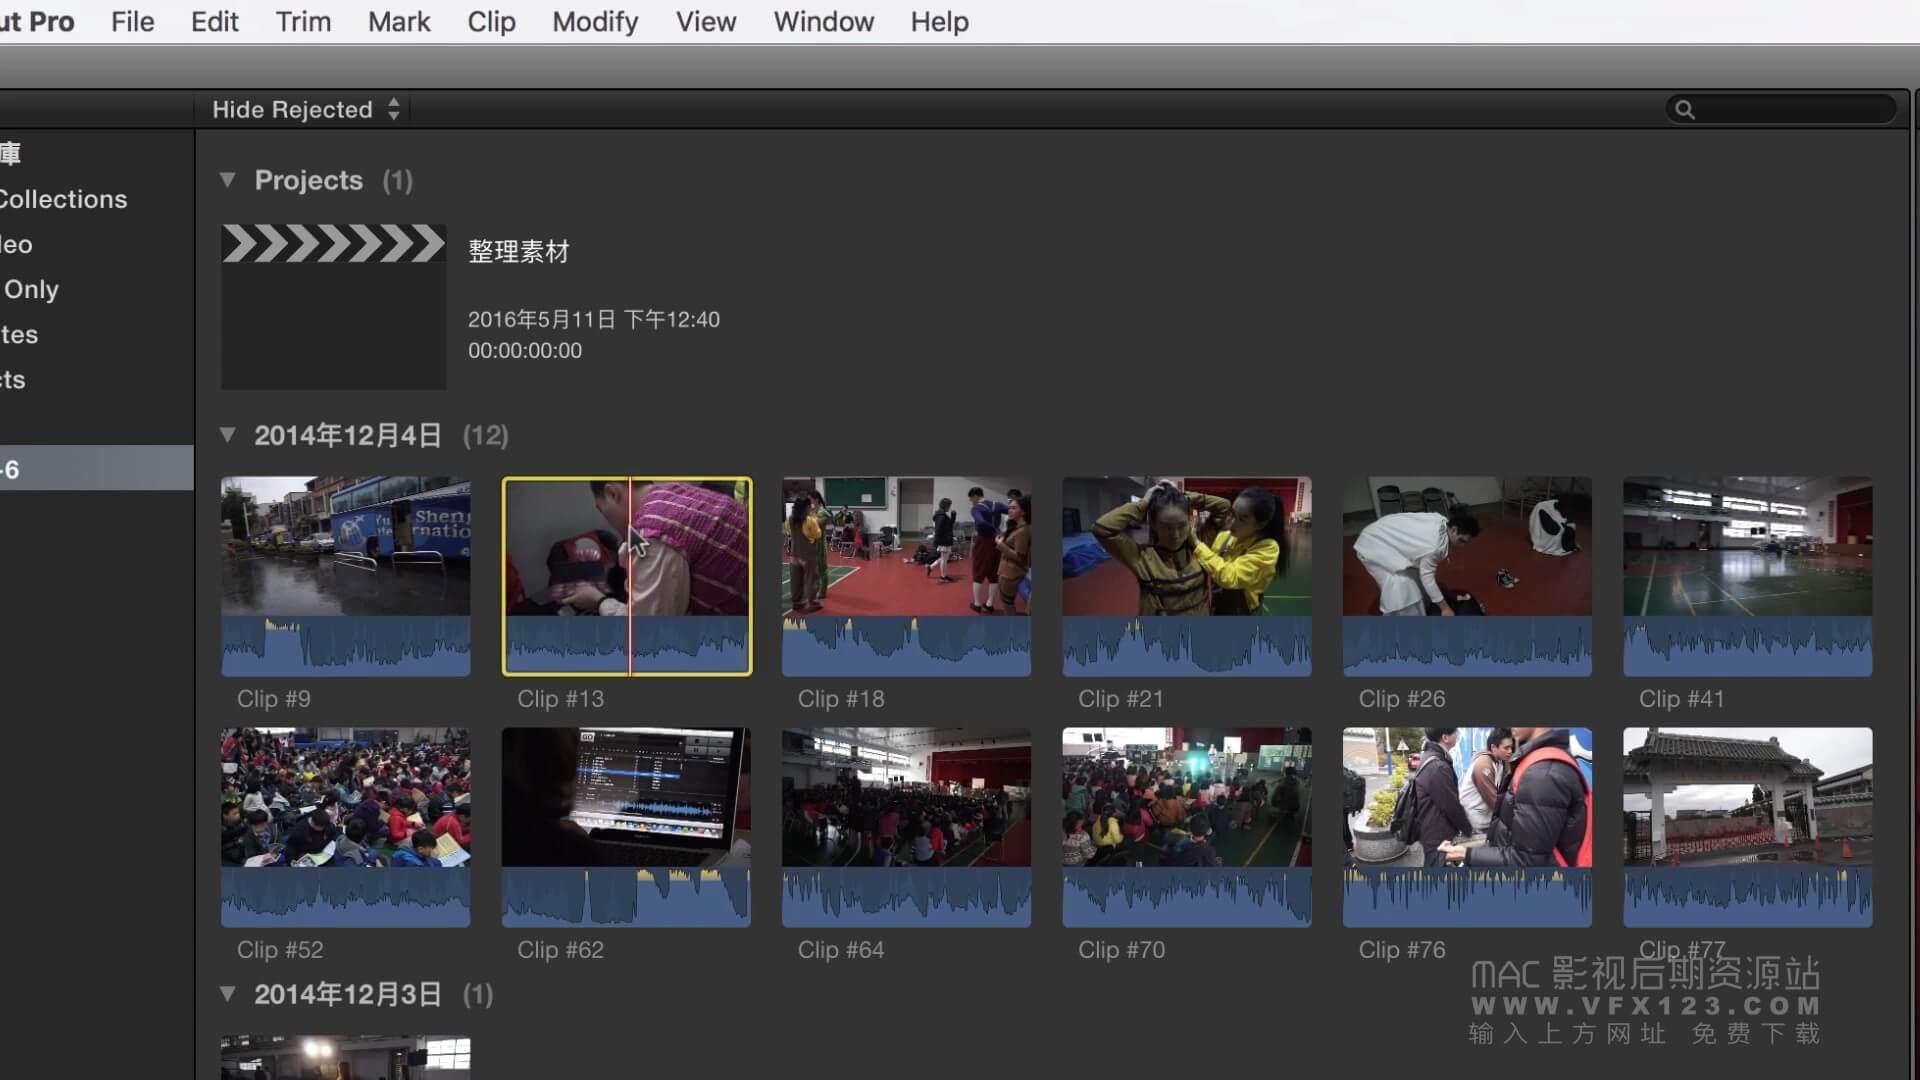 第4课: Final Cut Pro X 整理素材与建立智能素材群组 丨FCPX中文视频教程